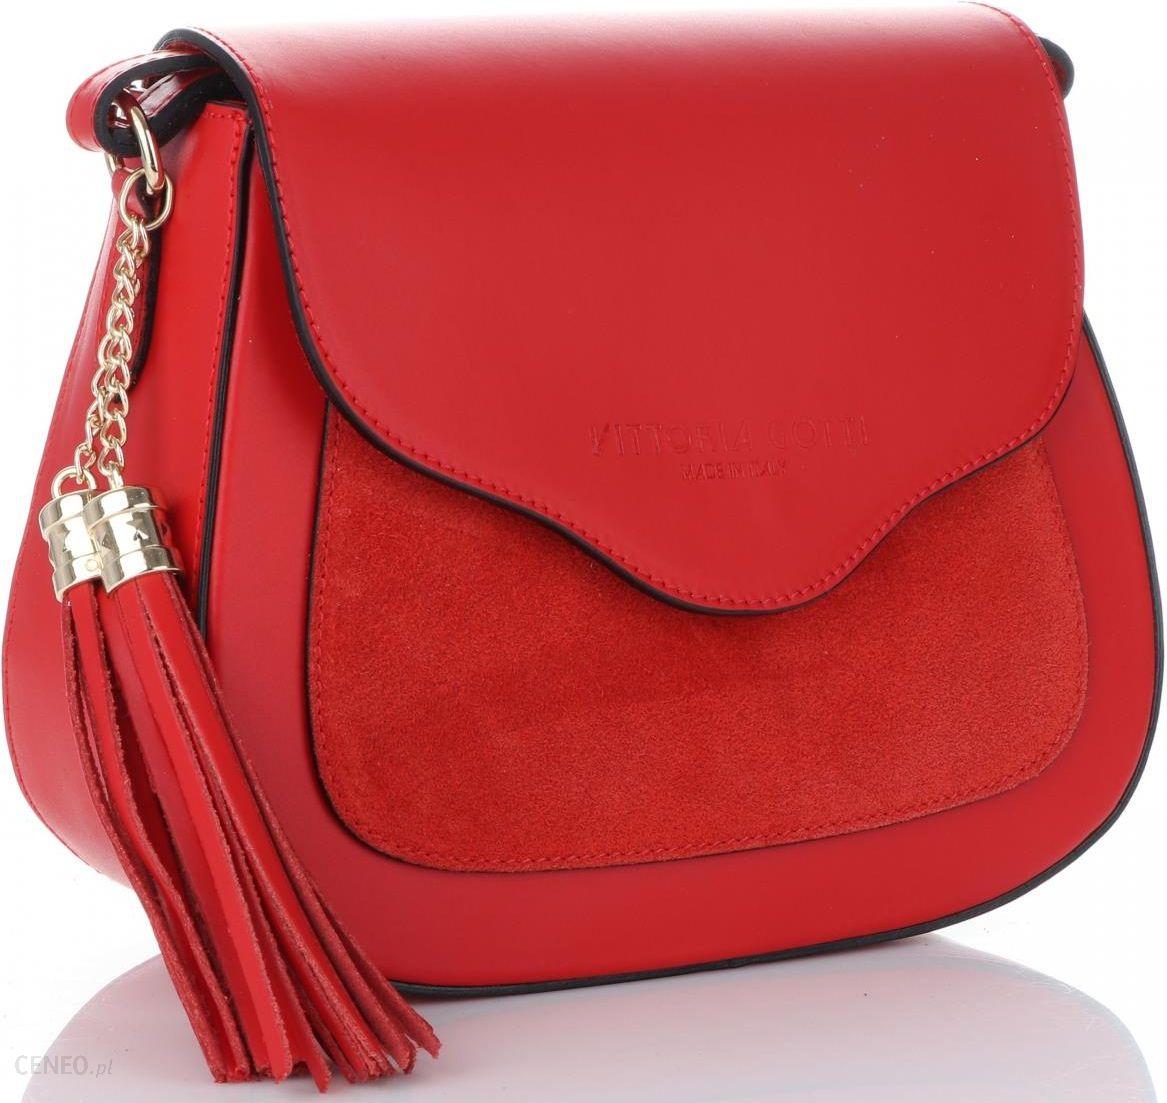 0b7f0adb1717c Vittoria Gotti Włoskie Torebki Skórzane Listonoszki Czerwone (kolory) -  zdjęcie 1